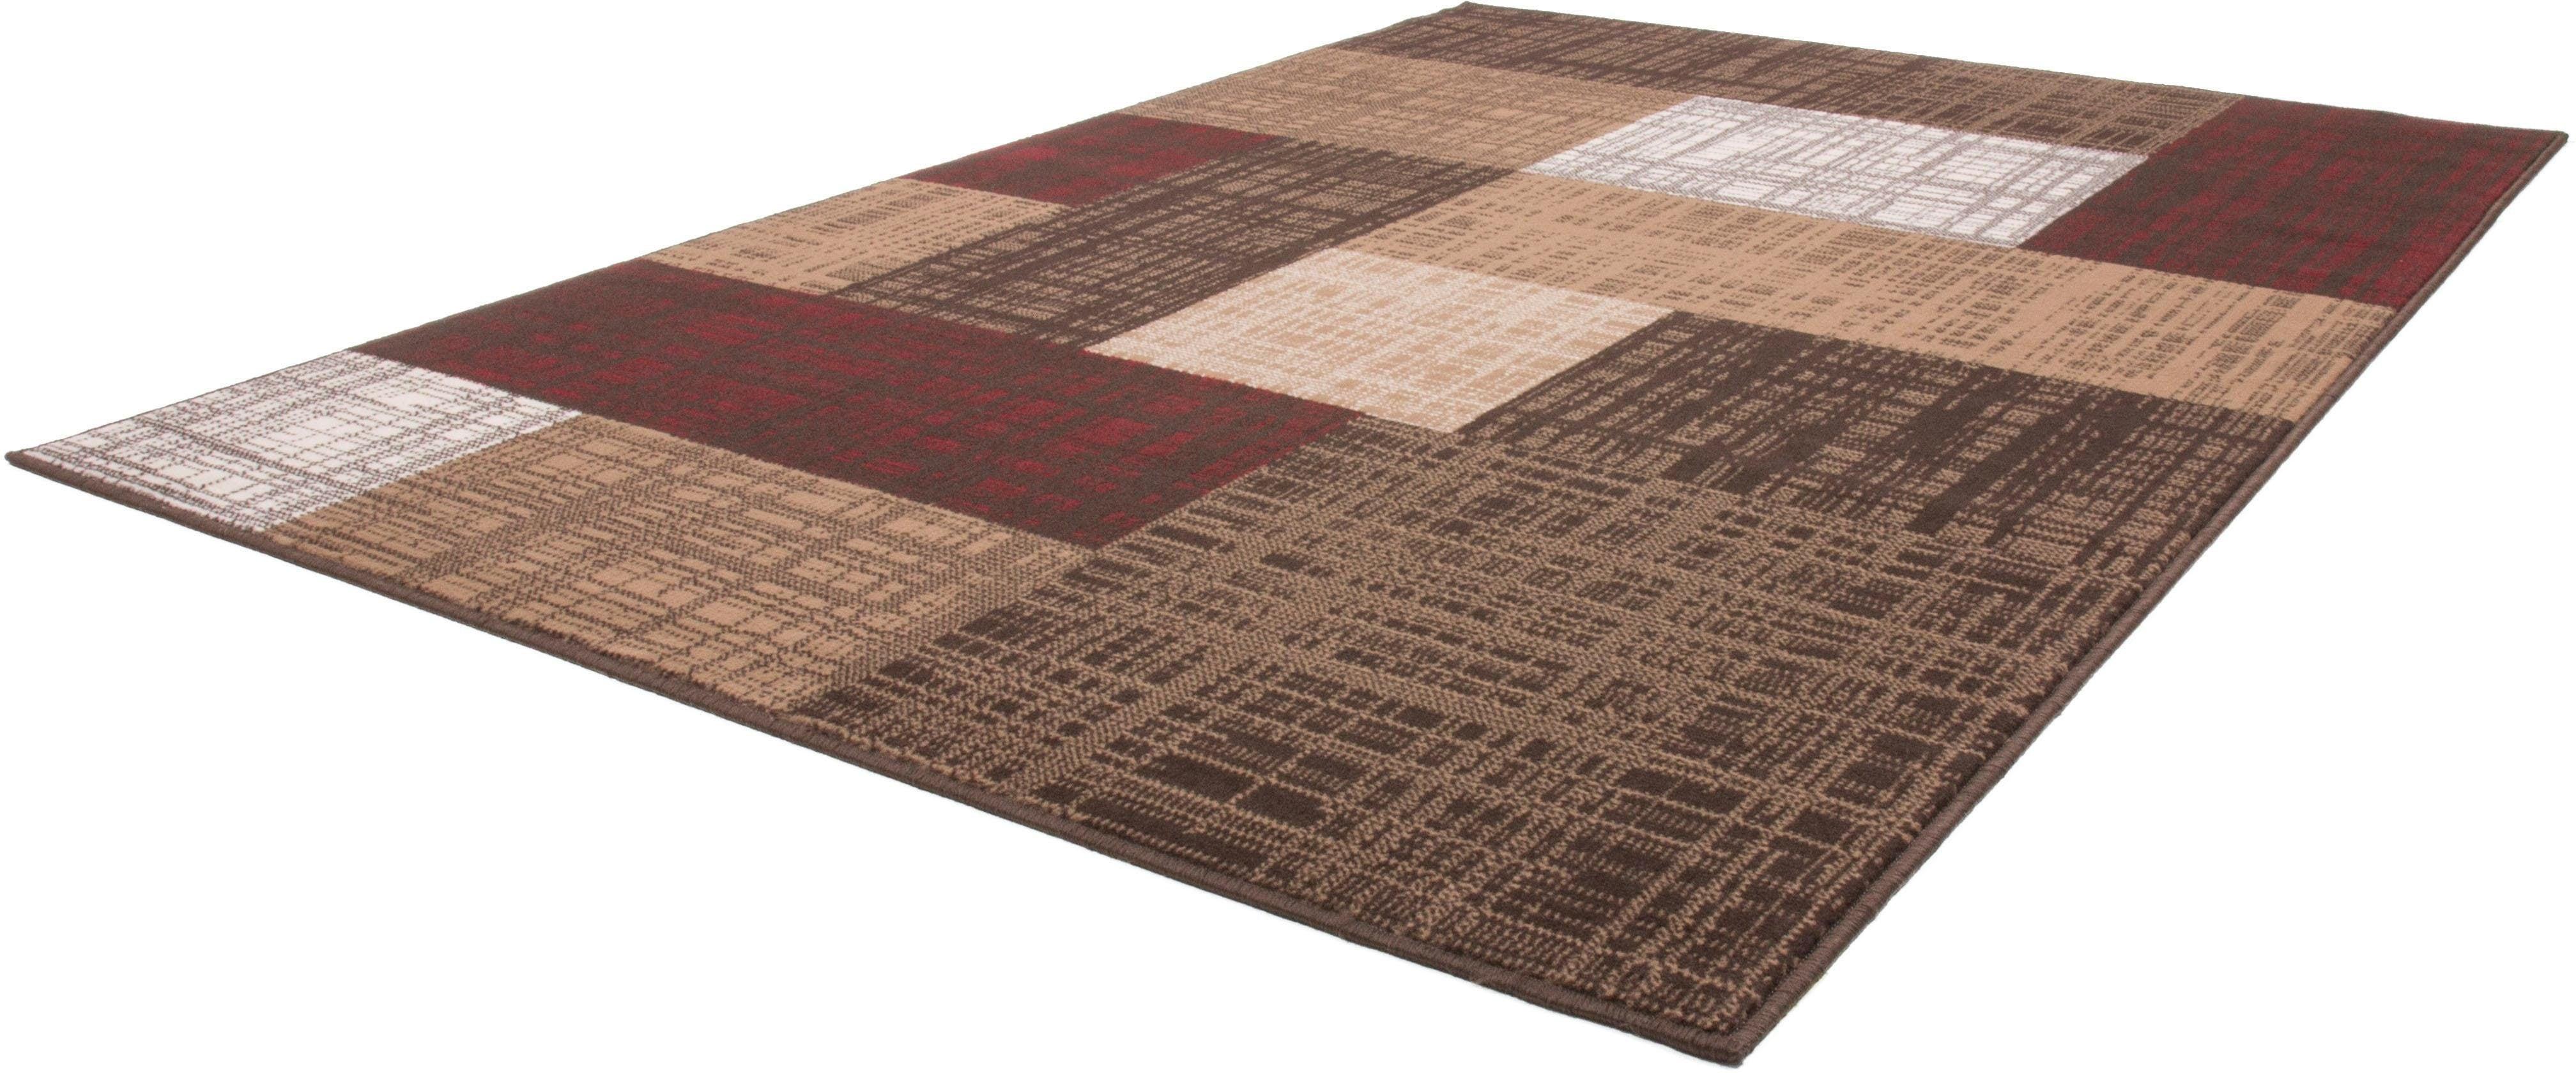 Teppich Morena 1555 calo-deluxe rechteckig Höhe 10 mm maschinell gewebt